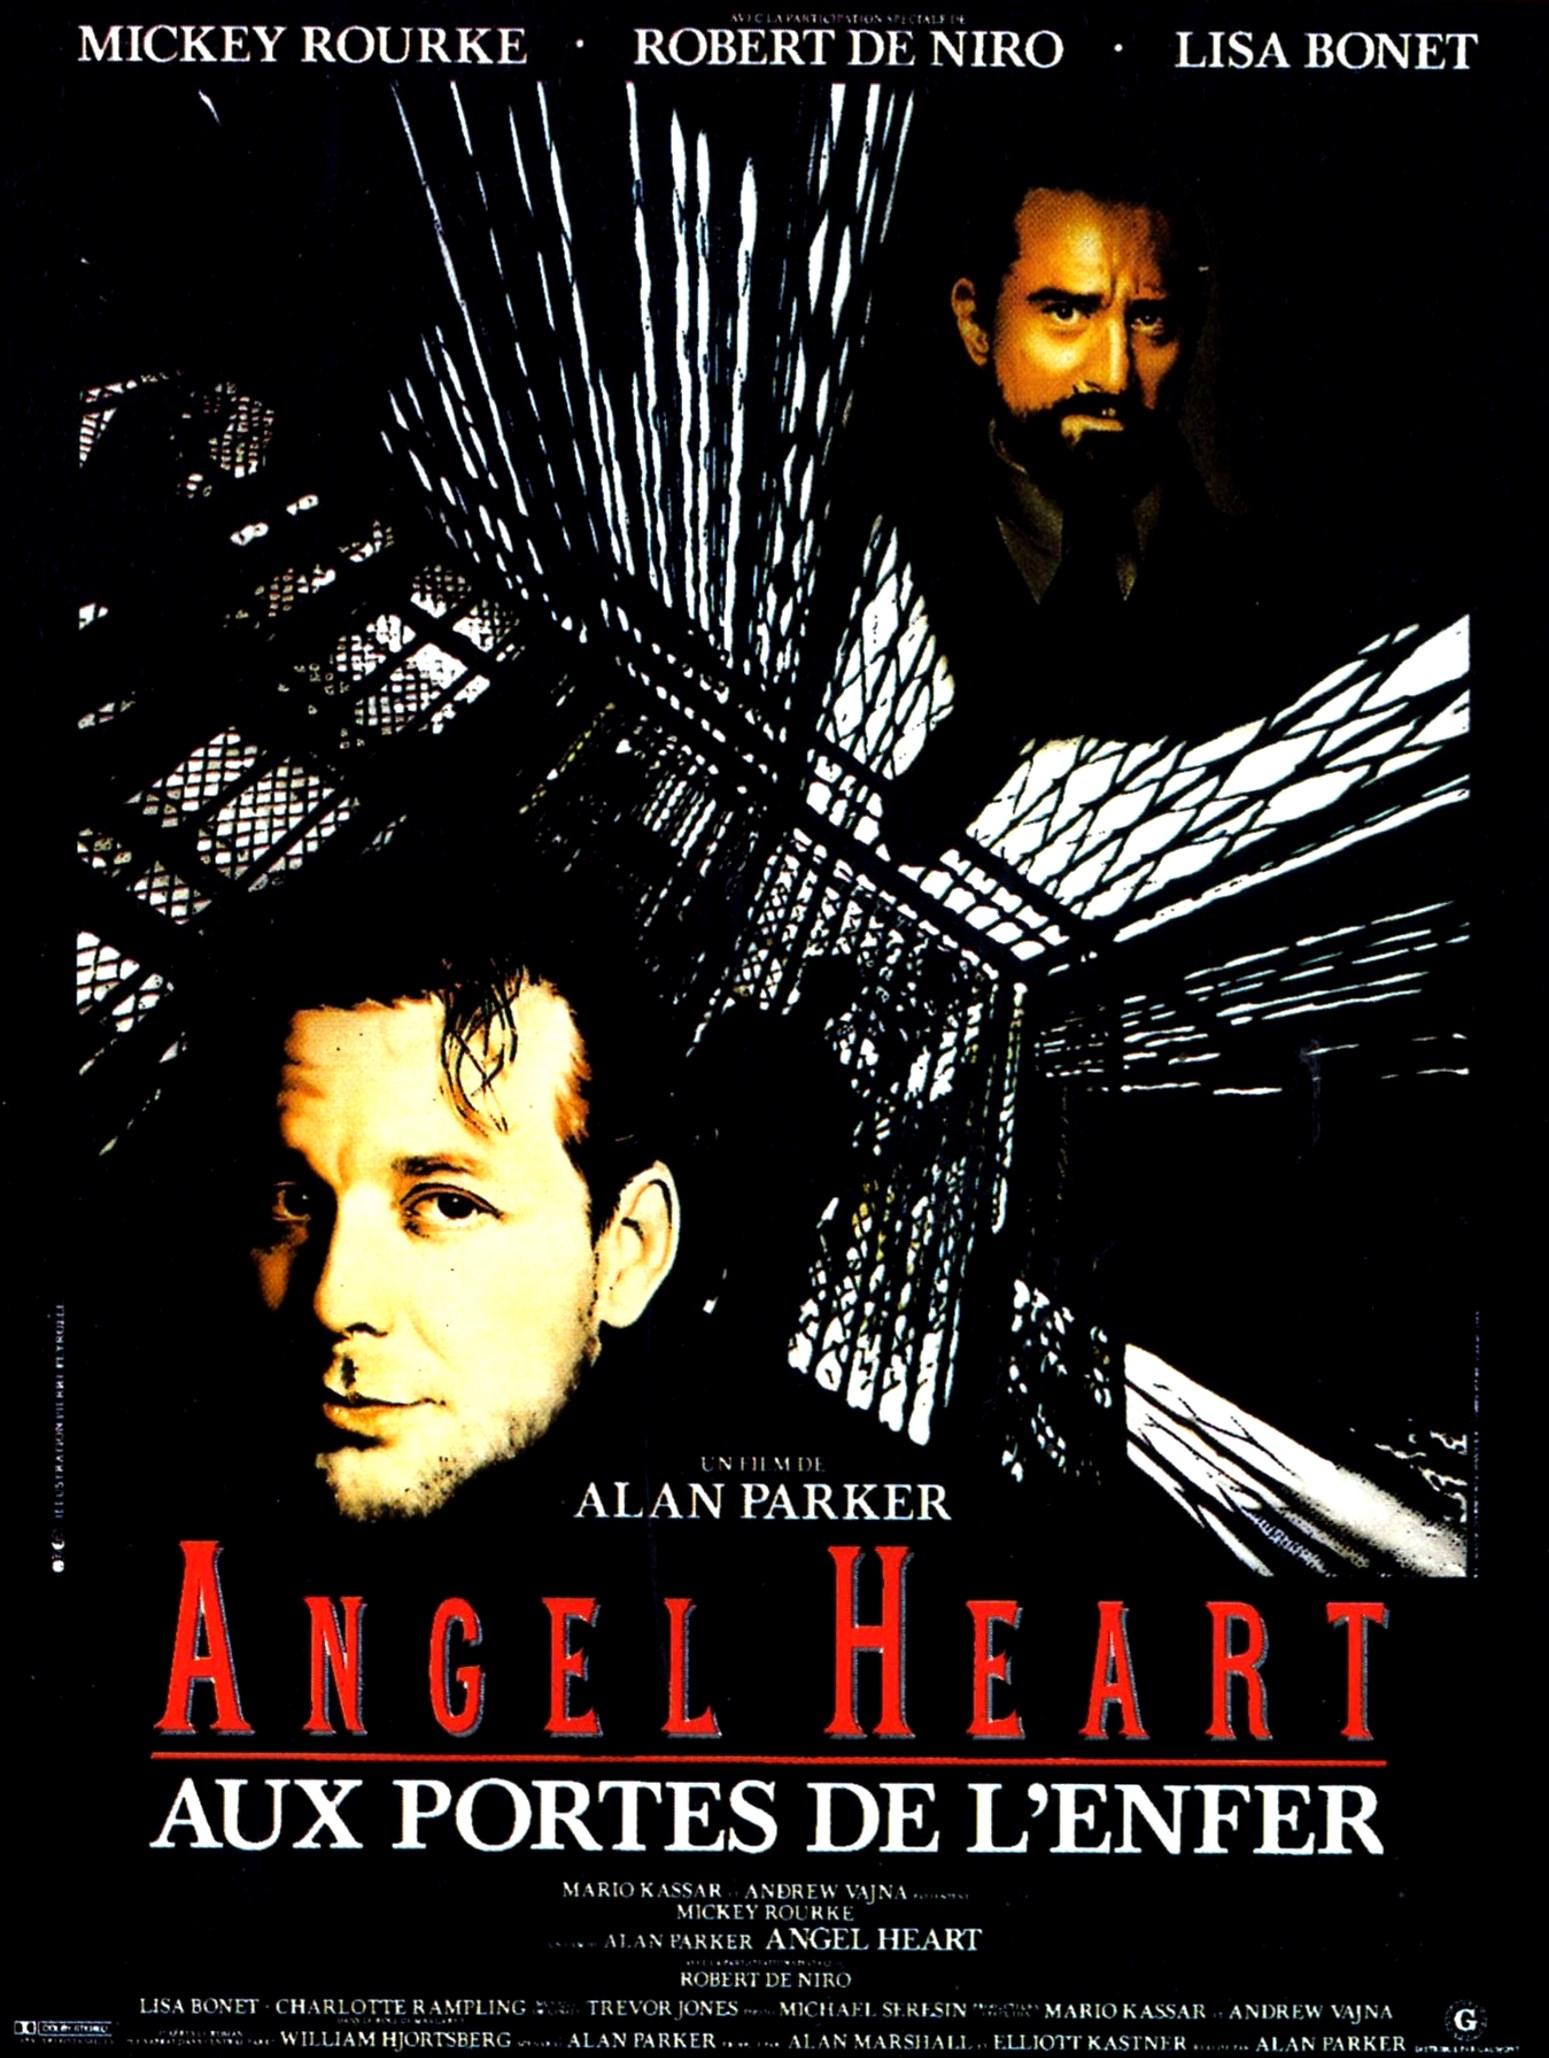 affiche du film Angel Heart: Aux portes de l'enfer